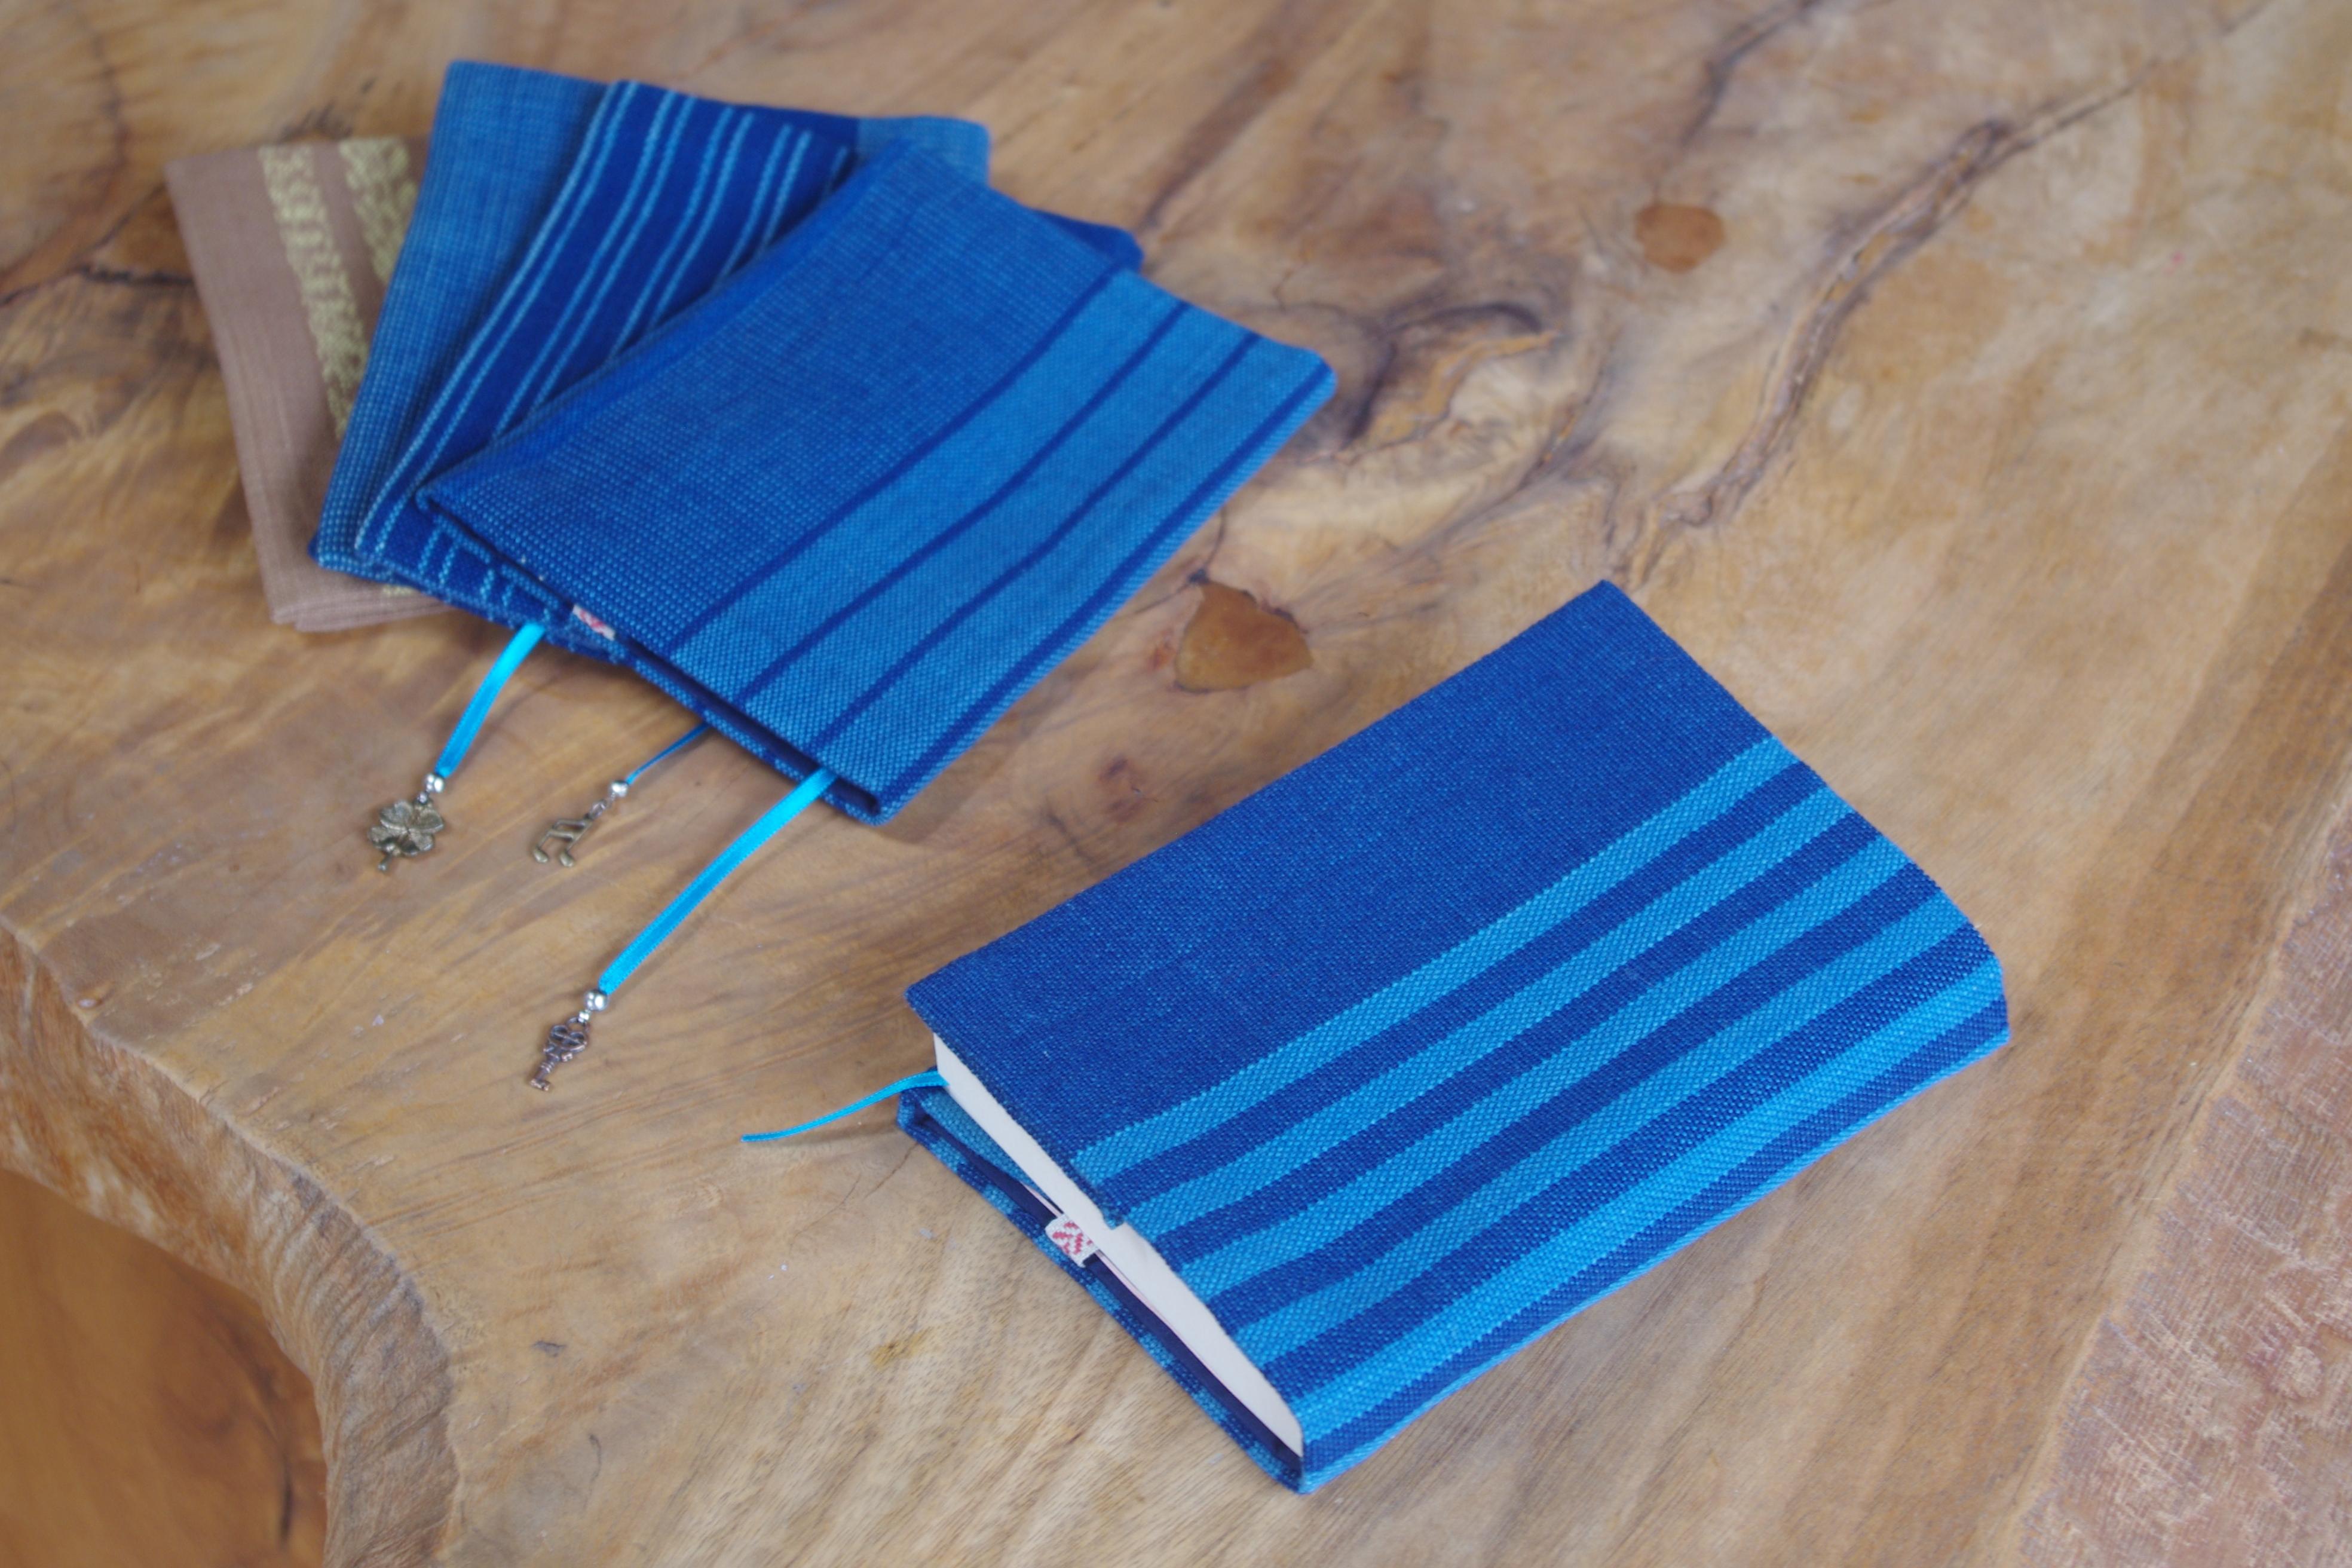 やっぱり読むのはデジタルよりも紙の本。読書のおともに落ち着いた藍色のブックカバーはいかがでしょうか。